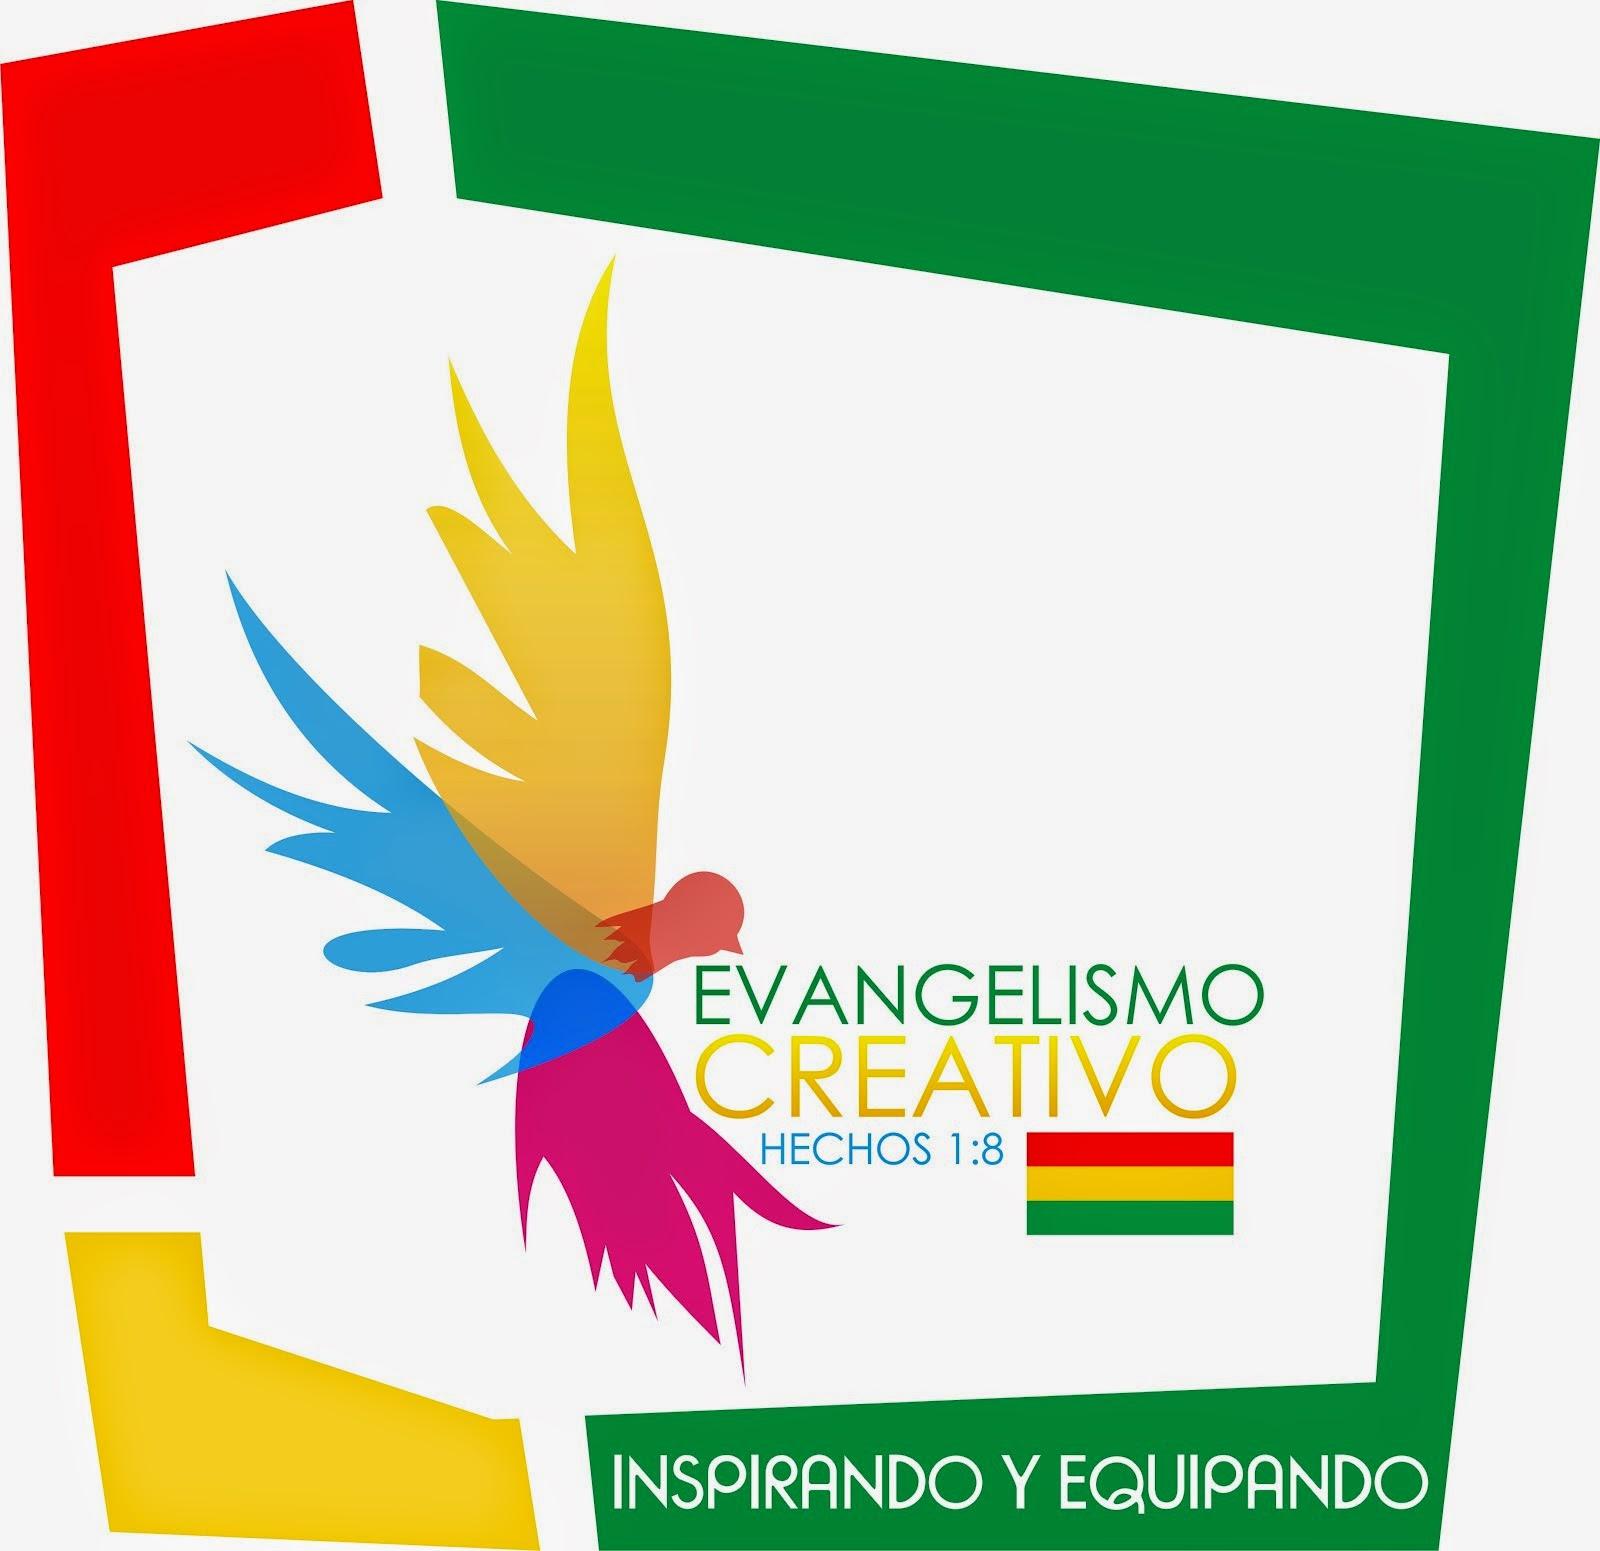 Evangelismo Creativo Bolivia